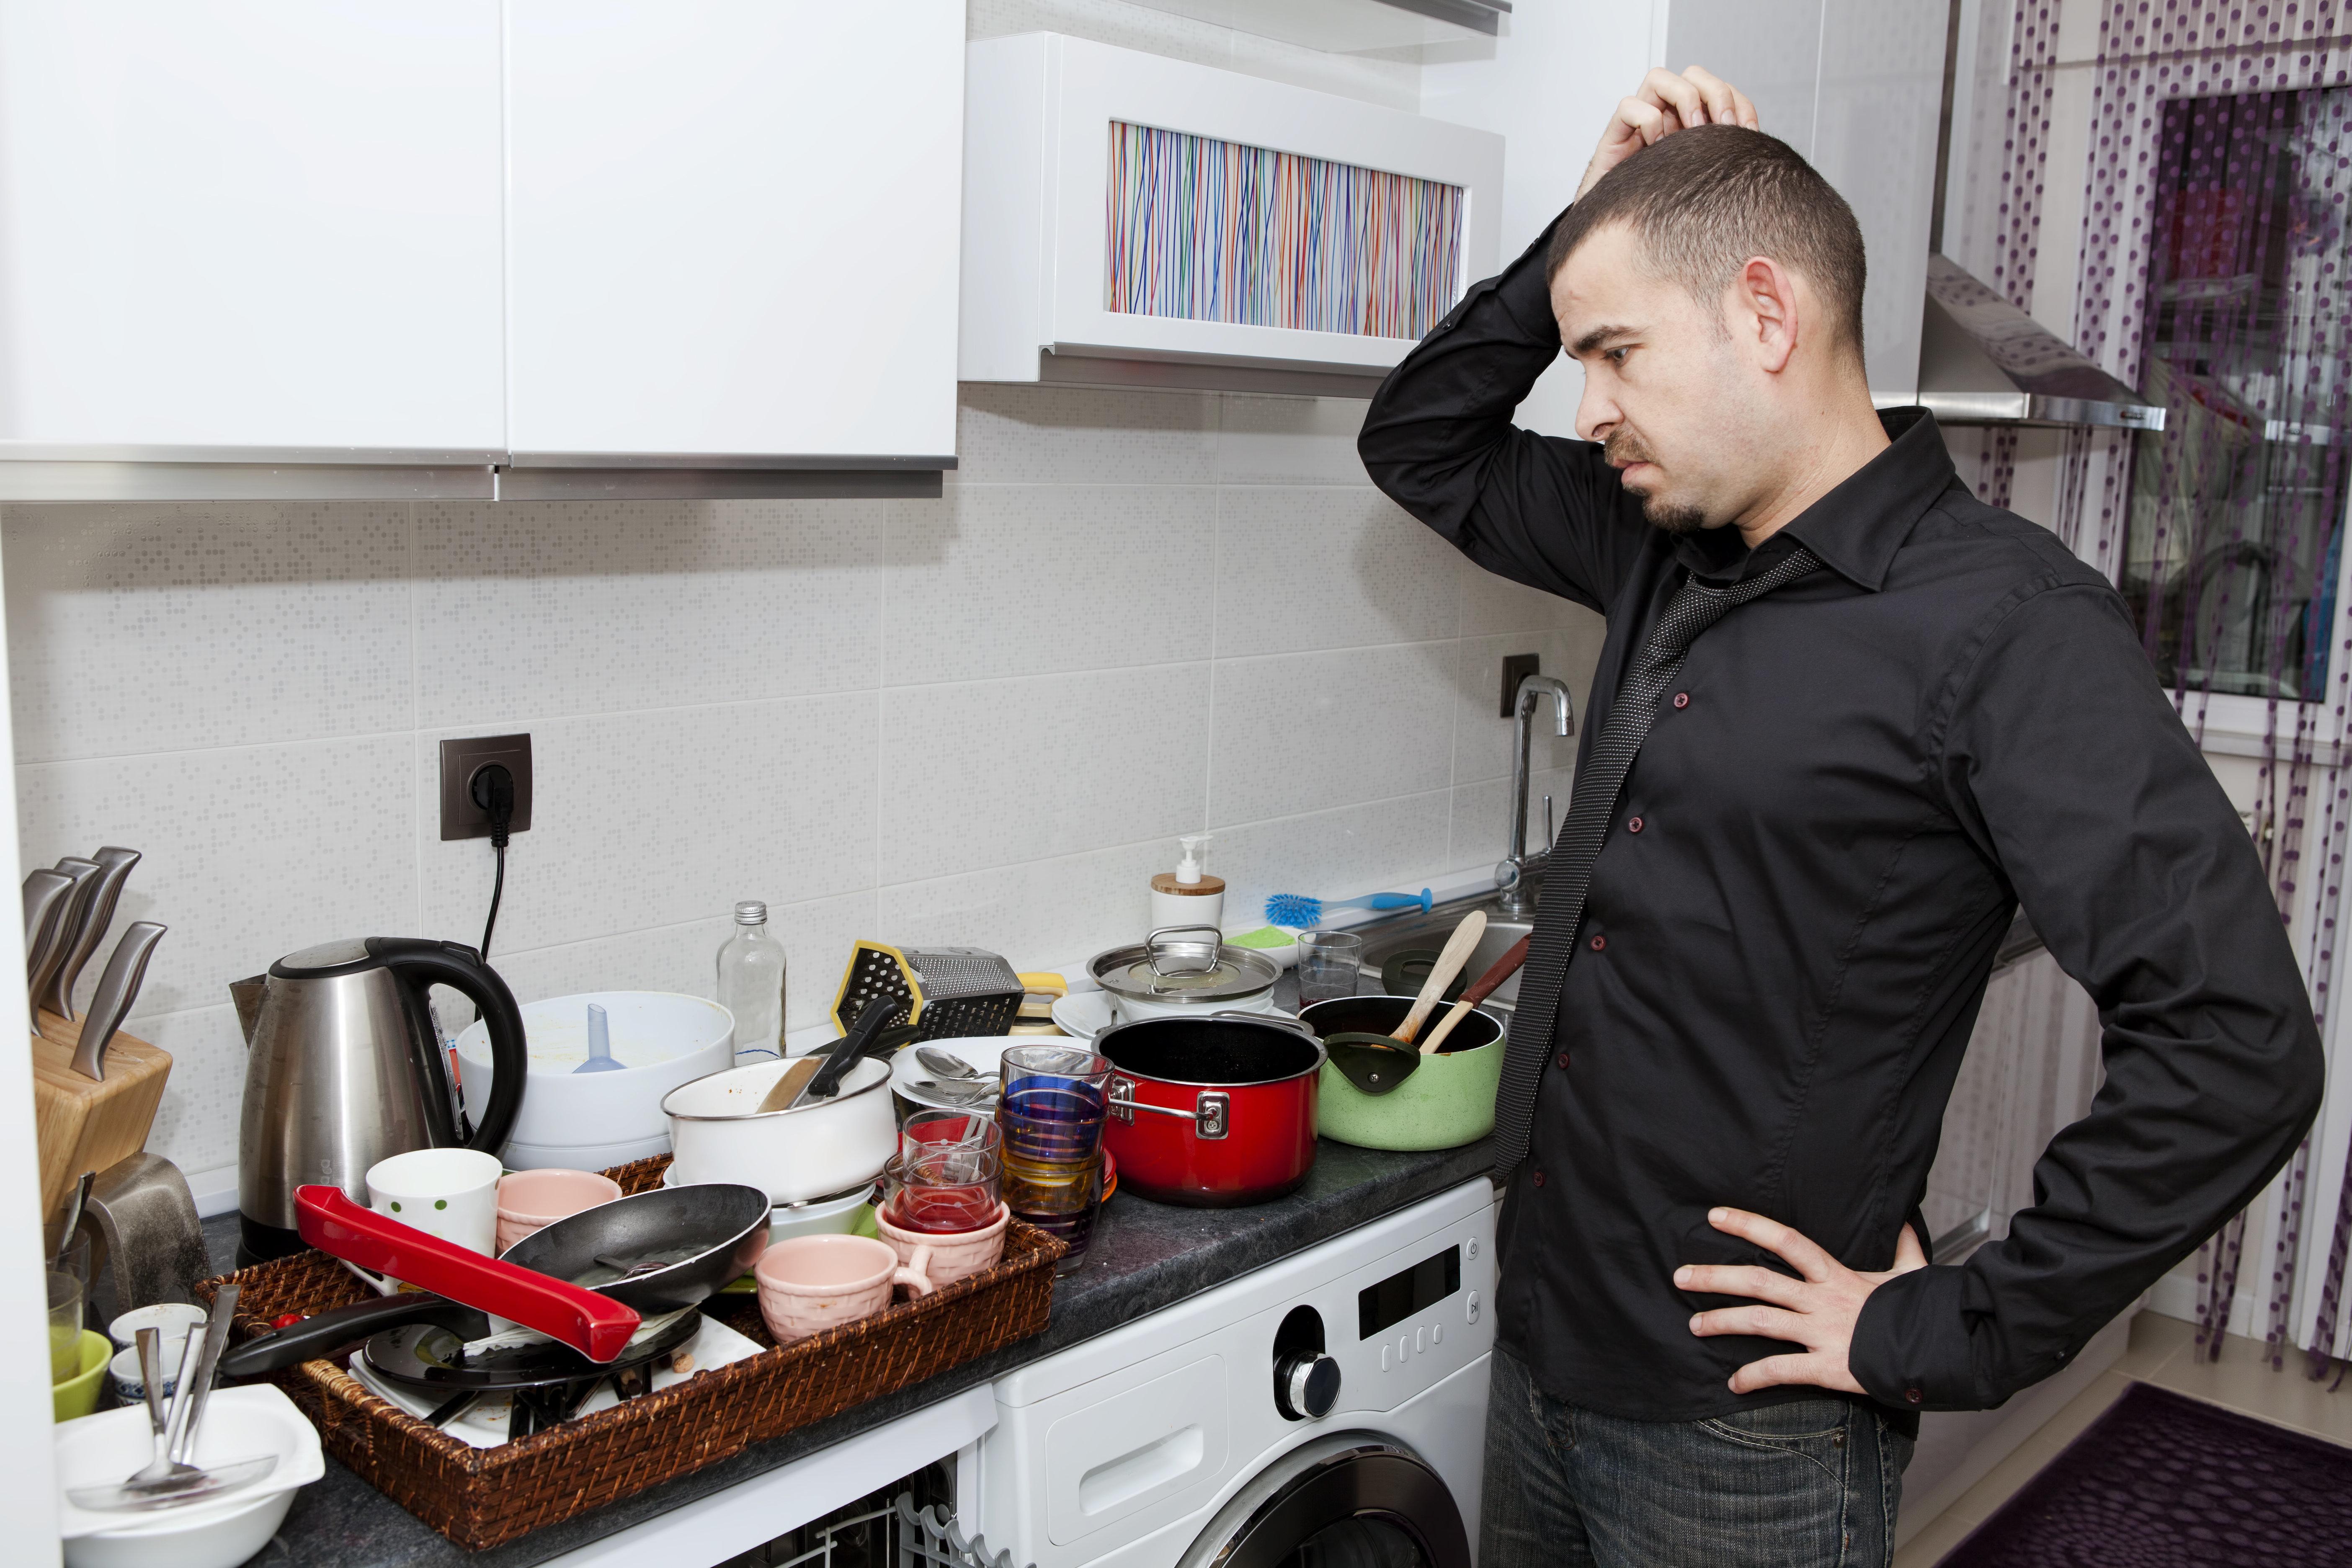 Στροφή και έξοδος: Τι είναι αυτά που αποτρέπουν έναν υποψήφιο σύντροφο από το να μείνει το βράδυ σπίτι